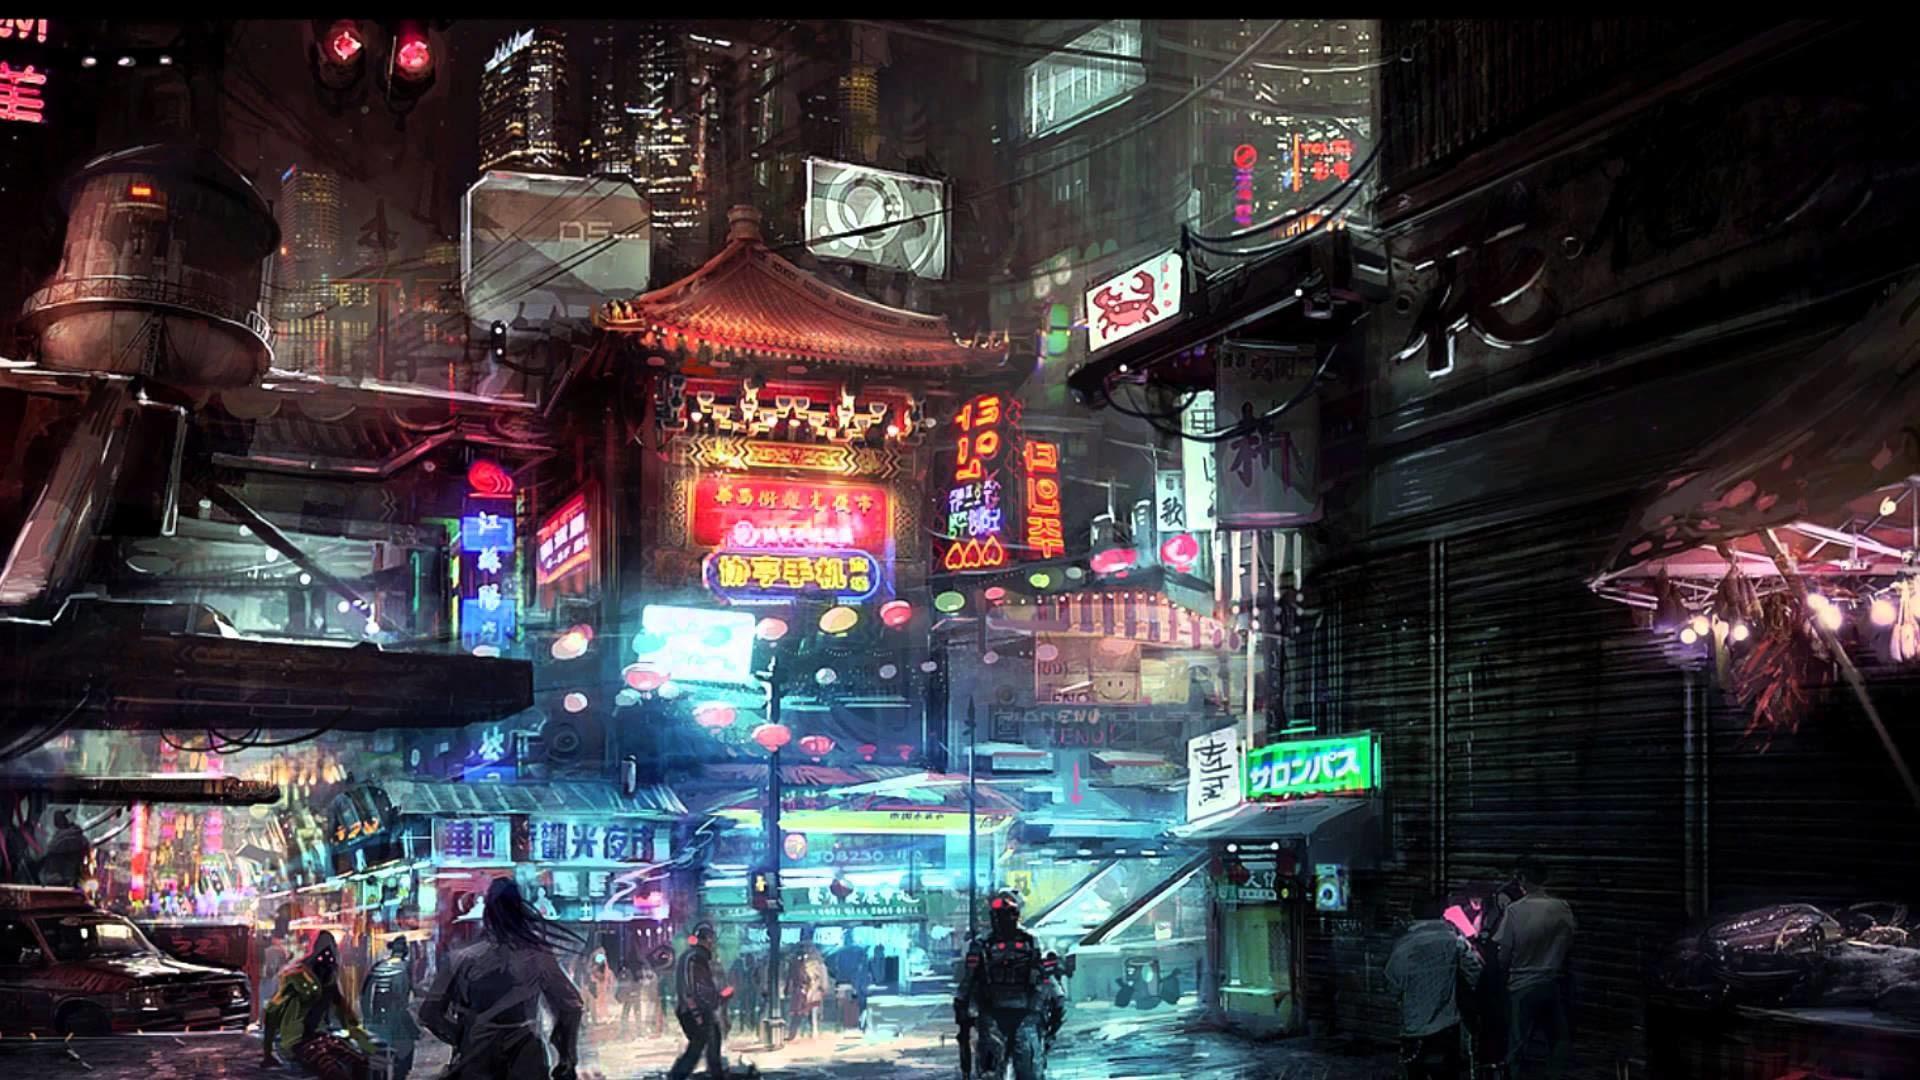 Cyberpunk 2077 Wallpaper (83+ images)